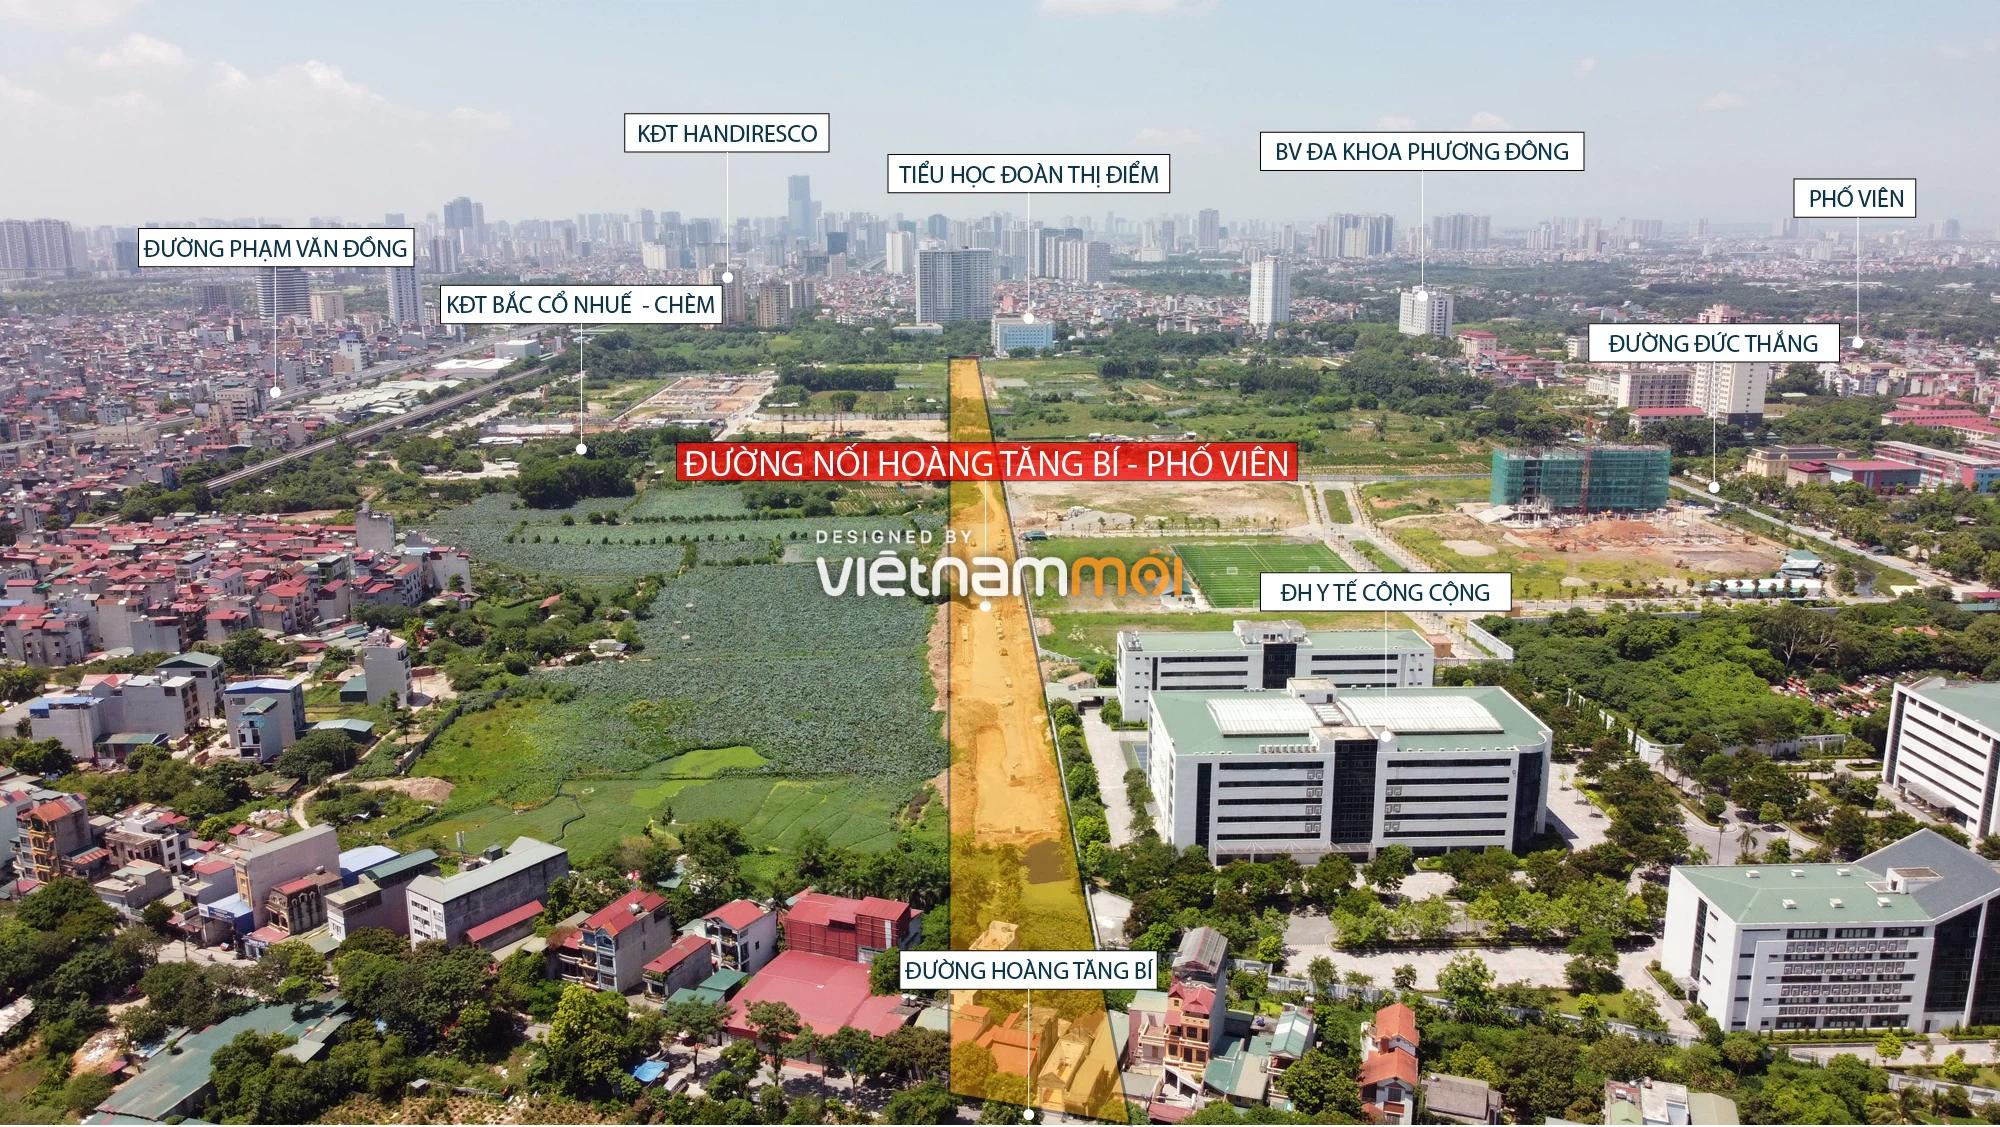 Toàn cảnh tuyến đường nối Hoàng Tăng Bí - Phố Viên đang mở theo quy hoạch ở Hà Nội - Ảnh 1.